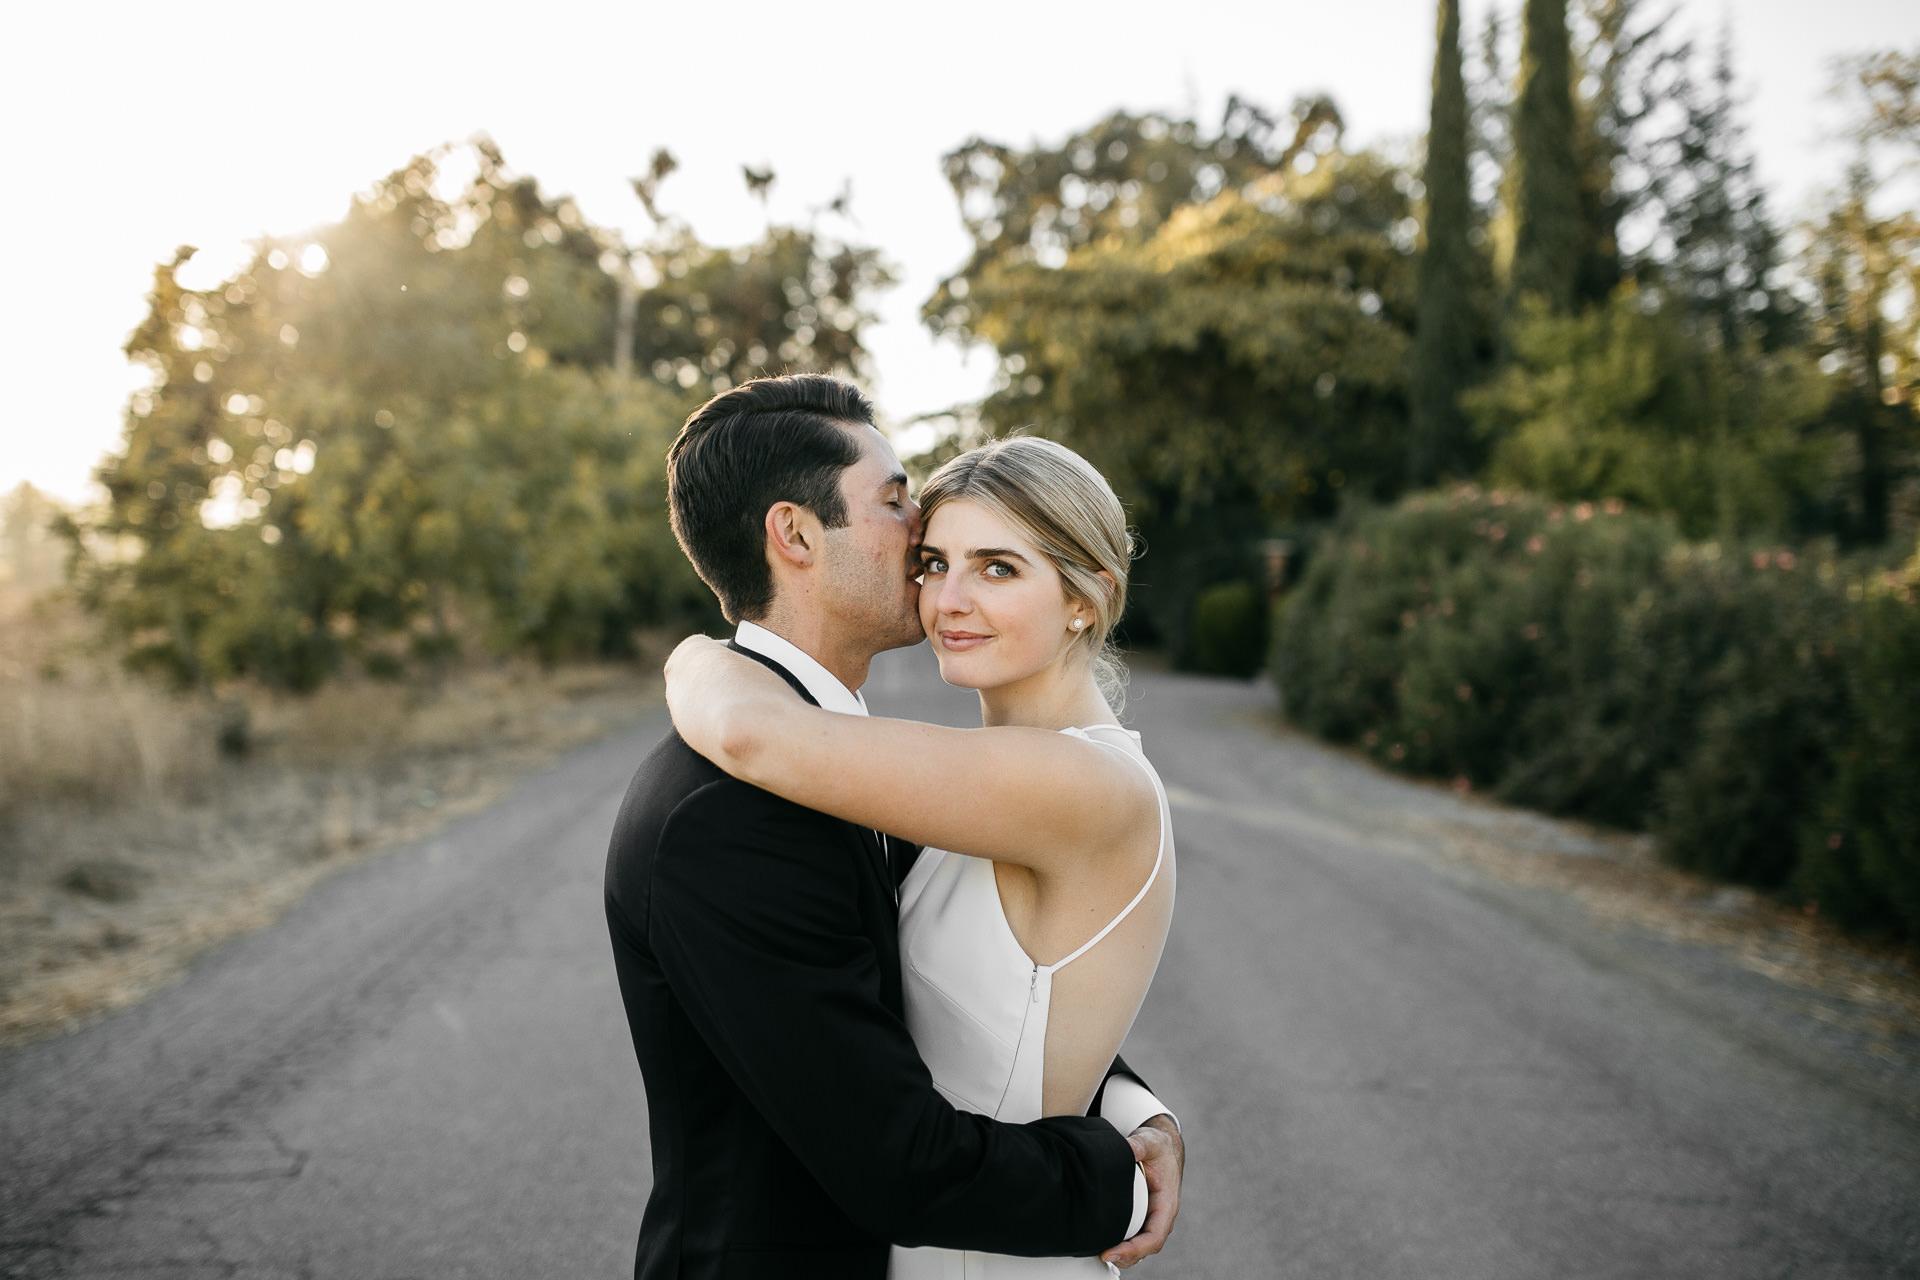 lauren_graham_wedding_california_park_winters_jeanlaurentgaudy_065